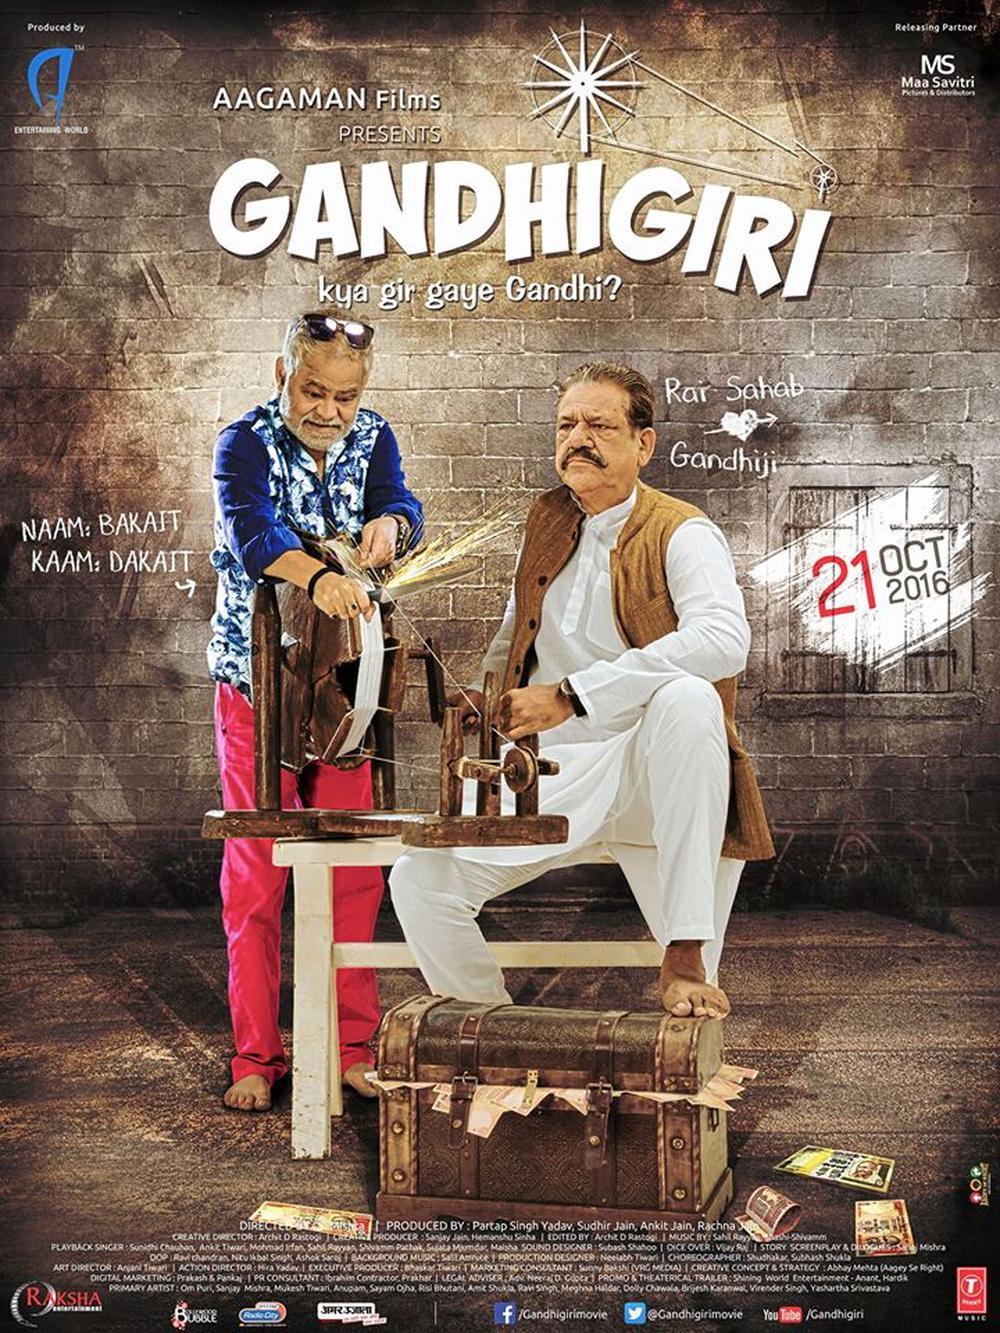 Gandhigiri Movie Review Hindi Movie Review